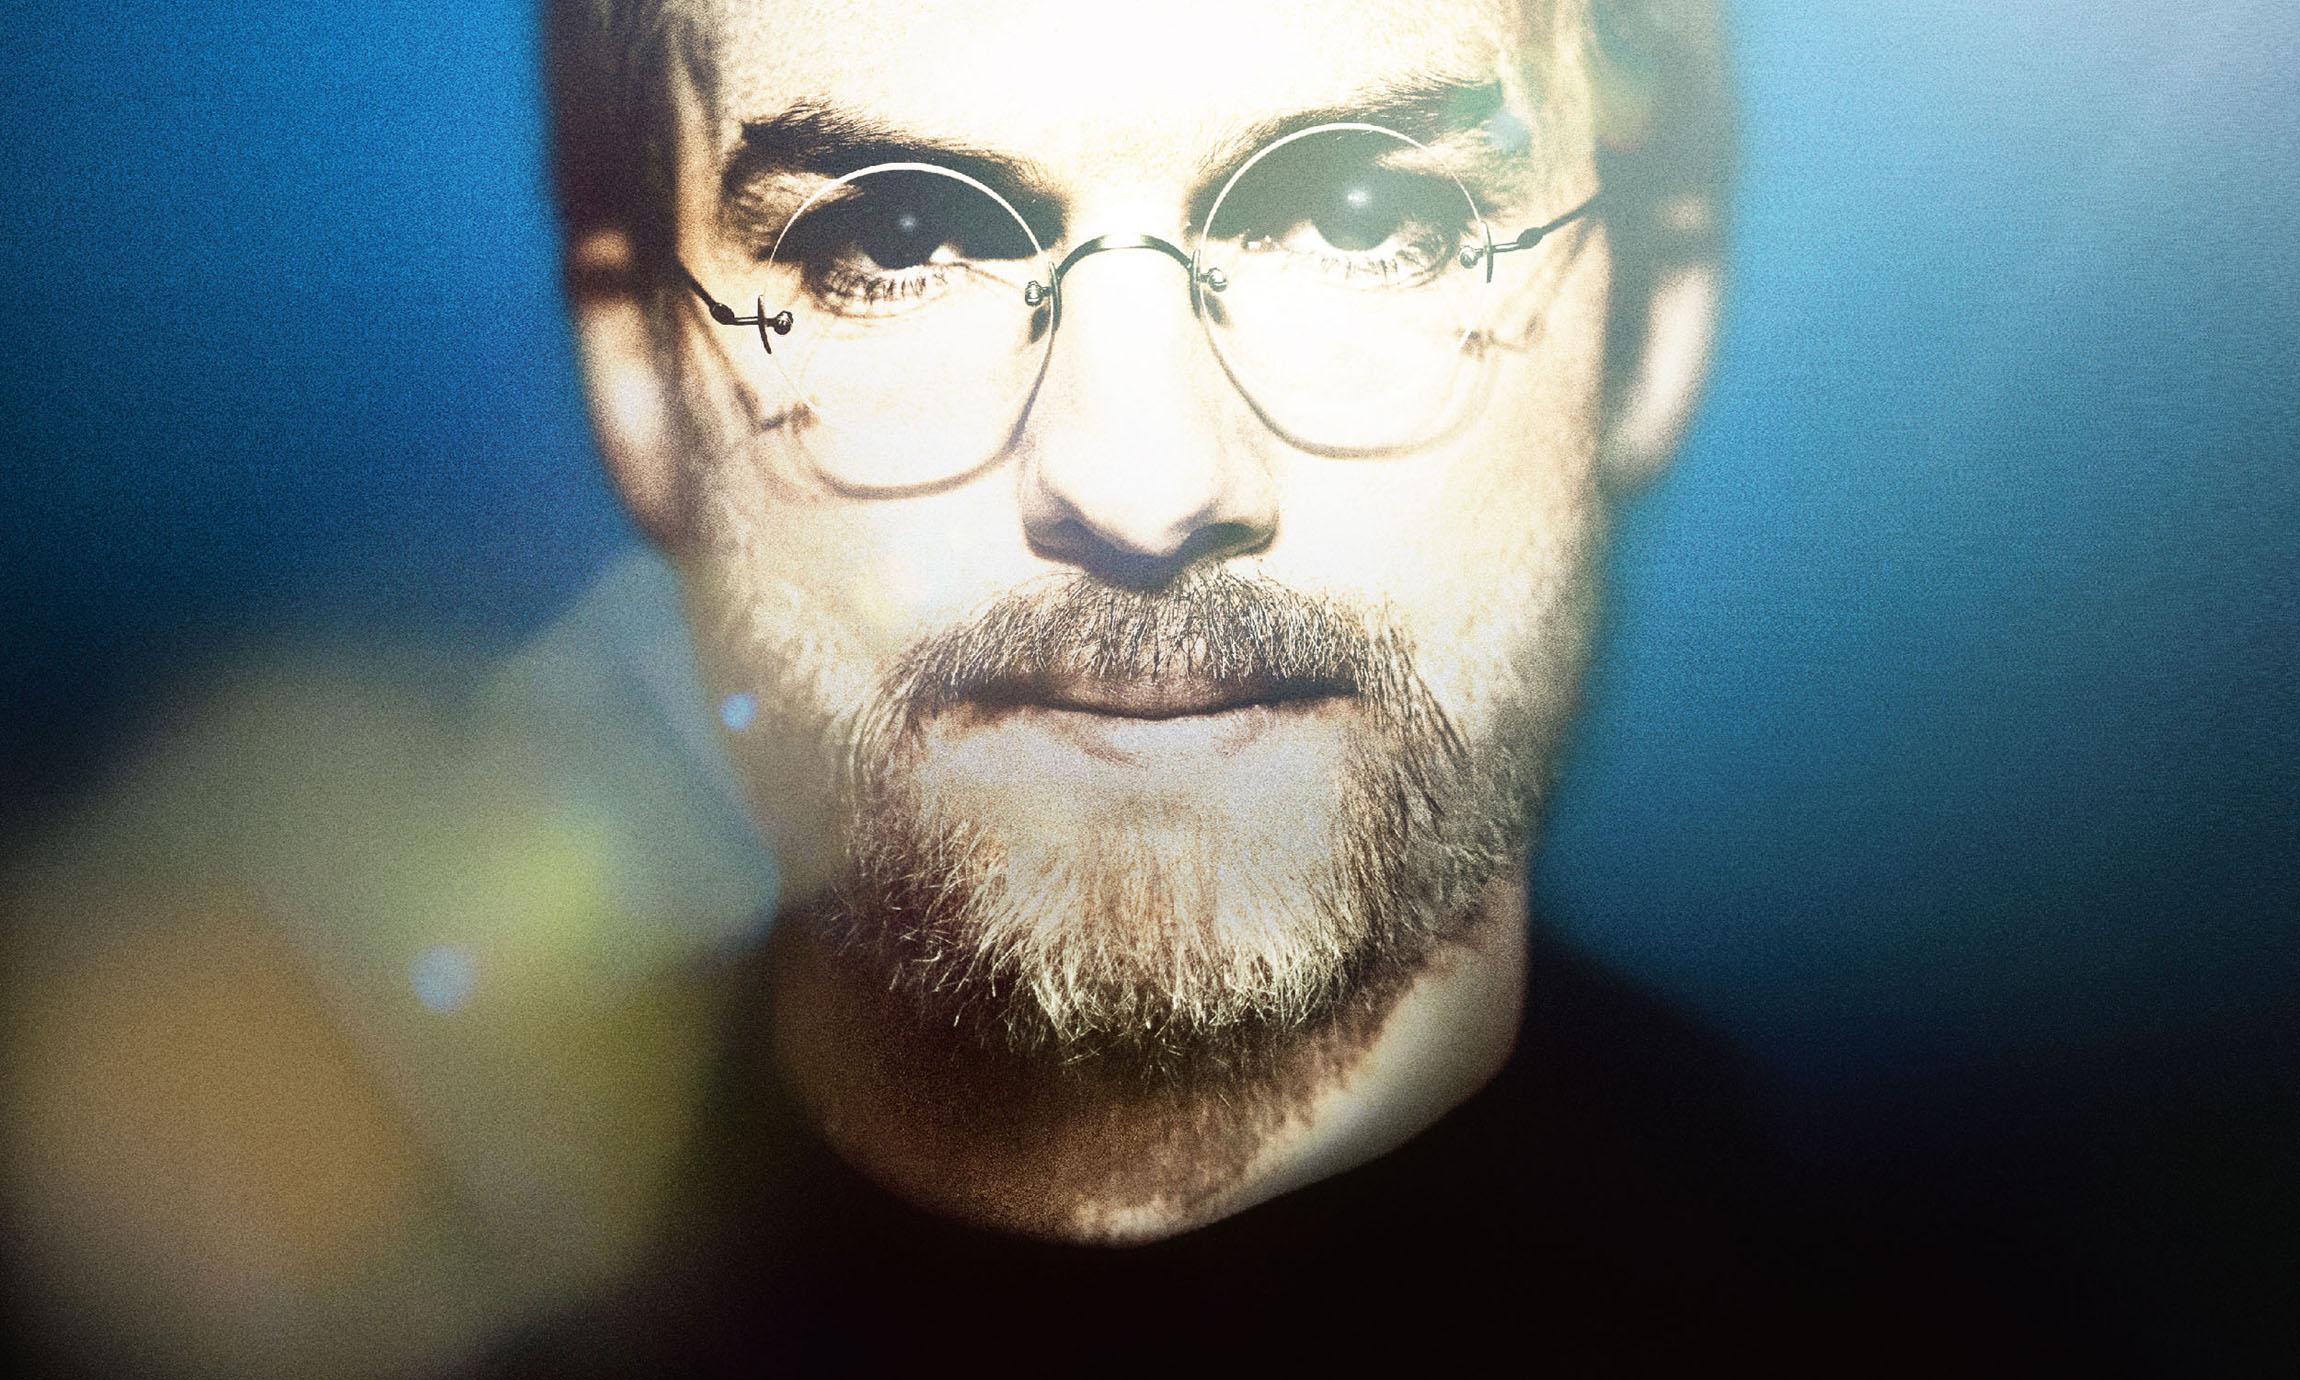 Steven Paul Jobs, noto semplicemente come Steve Jobs (San Francisco, 24 febbraio 1955 – Palo Alto, 5 ottobre 2011), è stato un informatico, produttore cinematografico, imprenditore e inventore statunitense.      È stato…